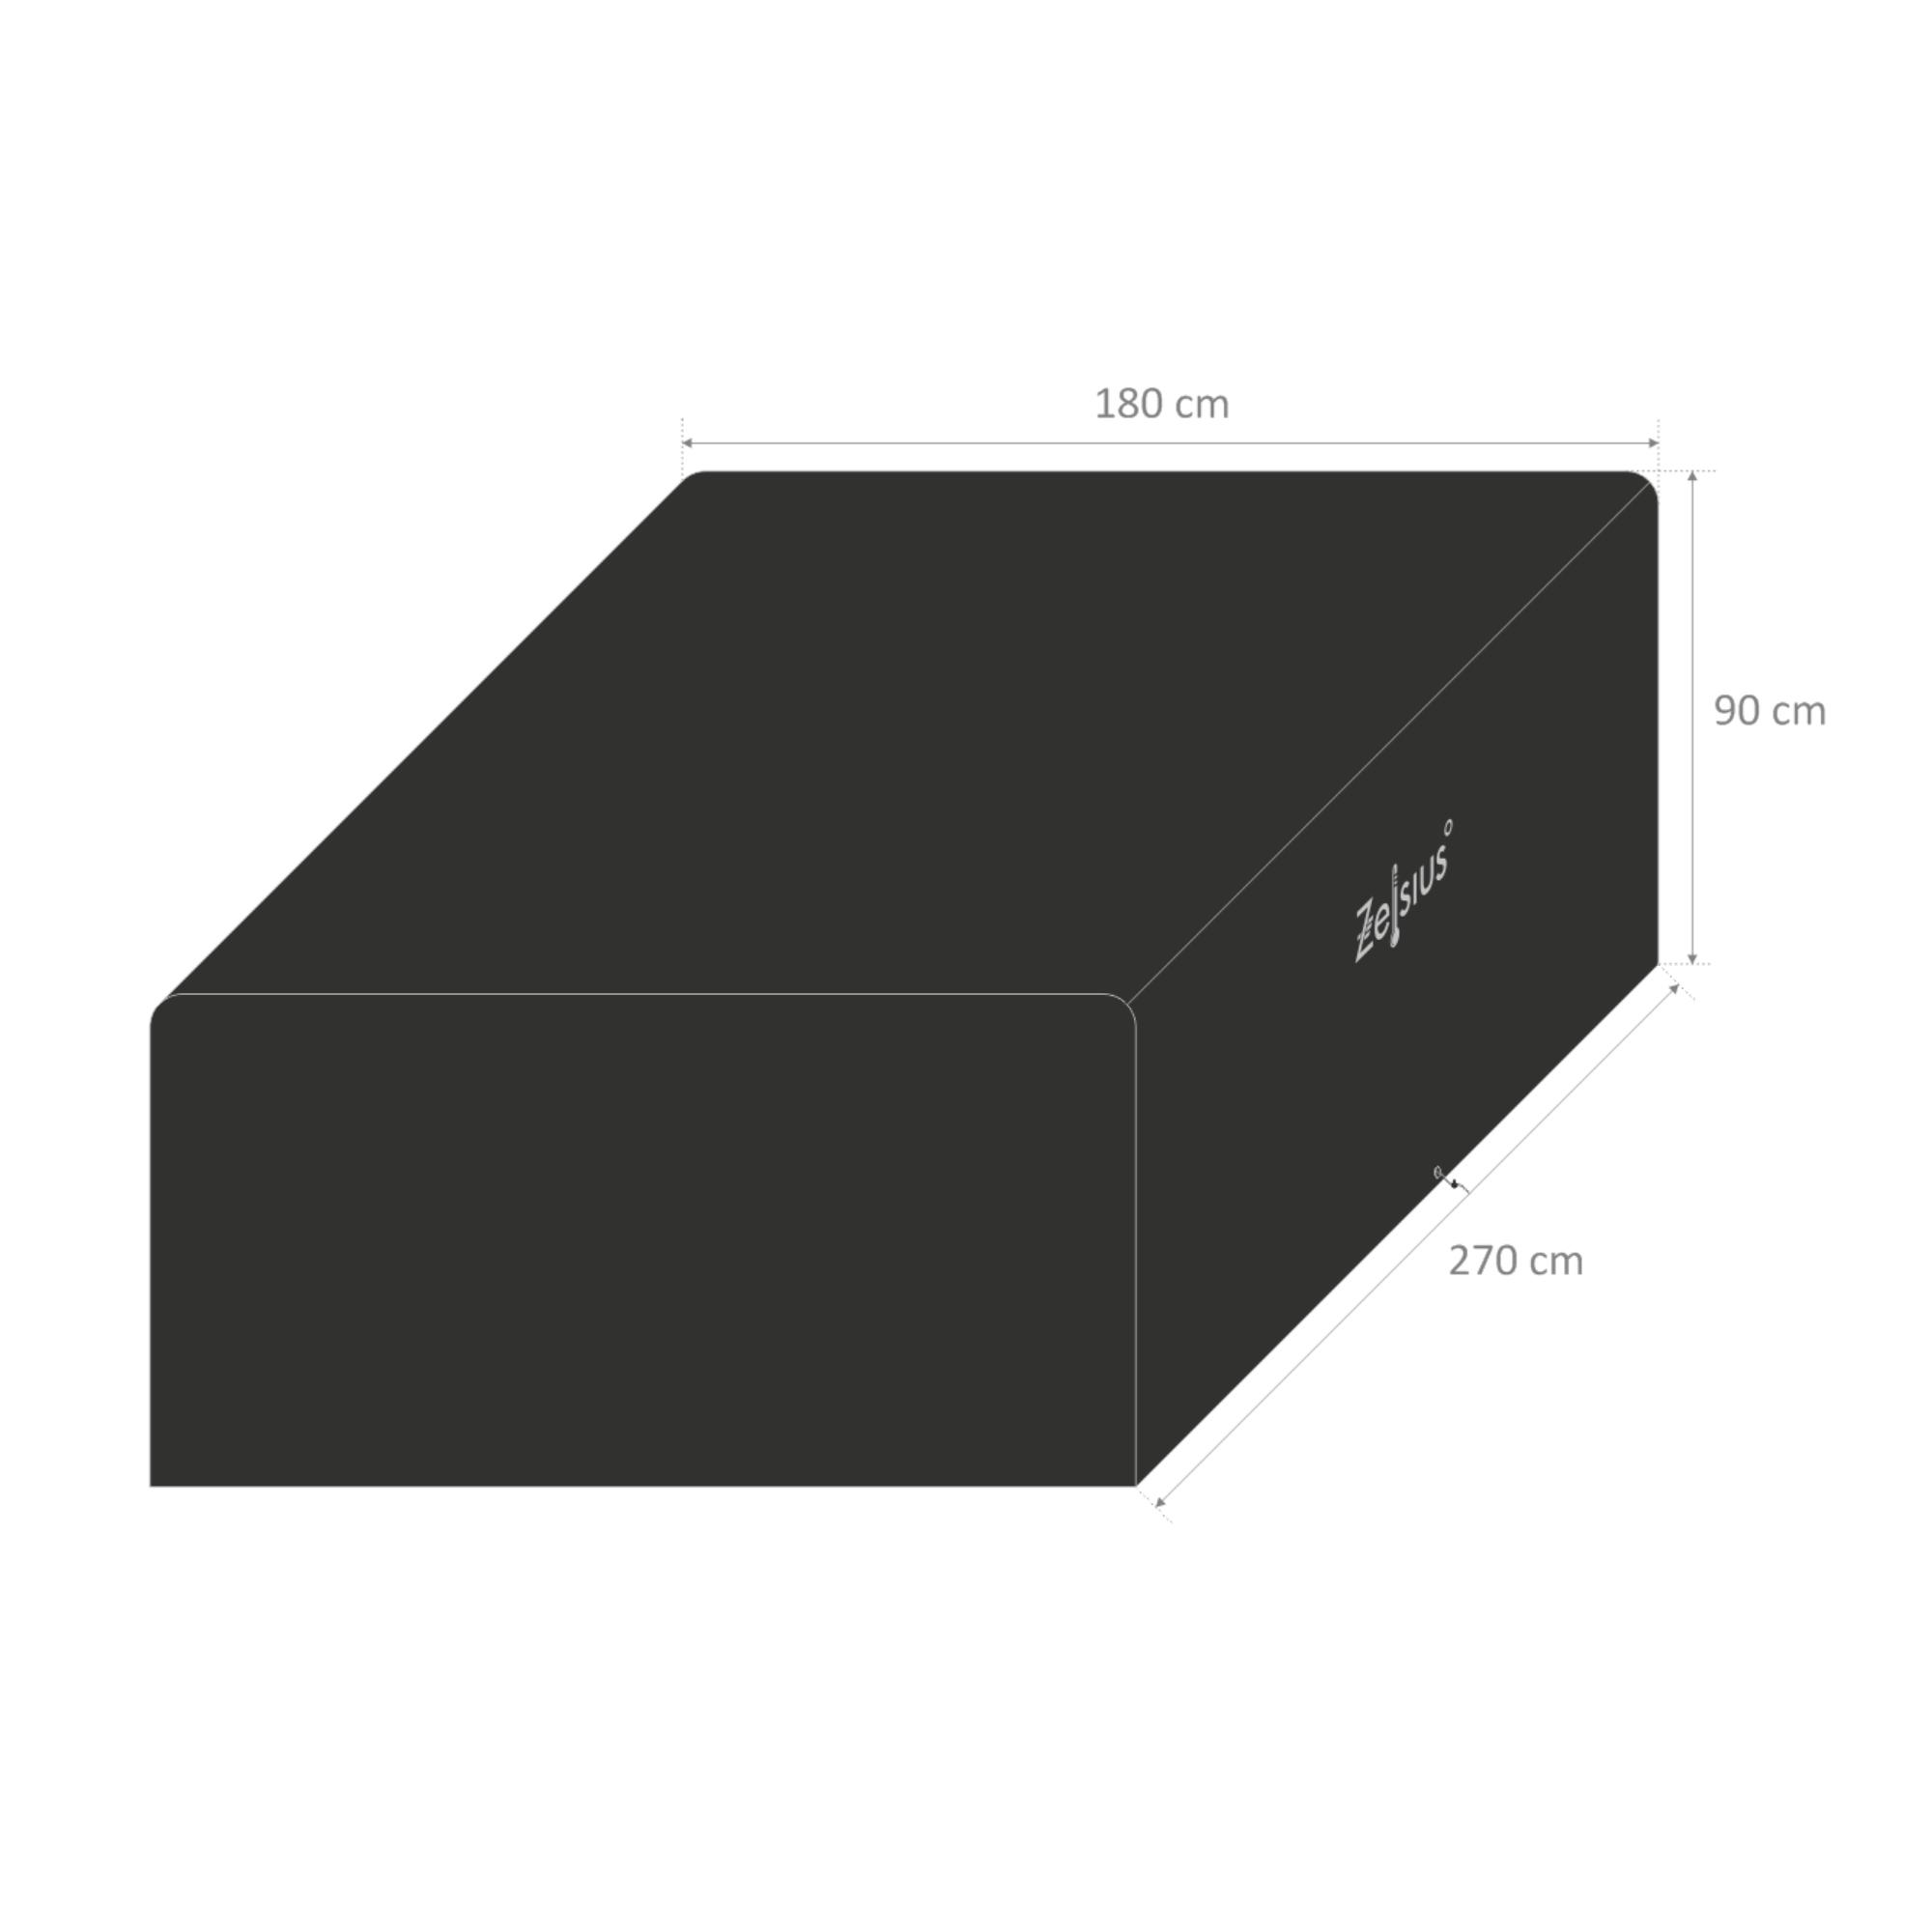 zelsius gartenm bel abdeckhaube l 270 x b 180 x h 90 cm cs clever shoppen. Black Bedroom Furniture Sets. Home Design Ideas